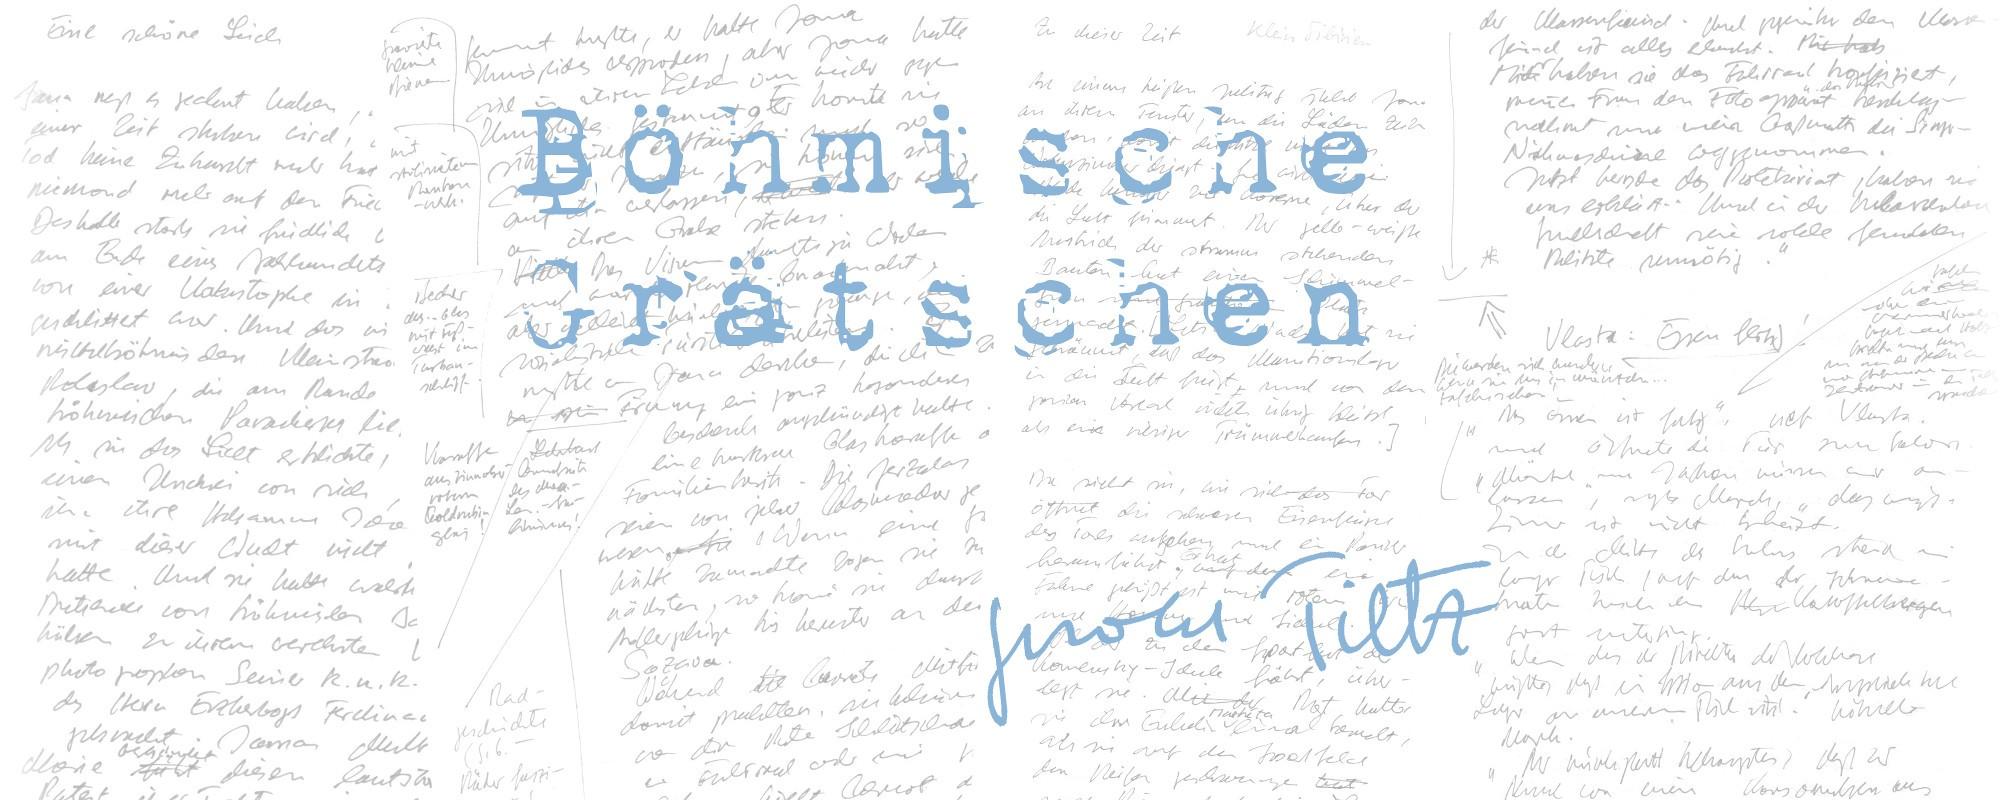 Gerold-Tietz-Boehmische-Graetschen-Schriftbild